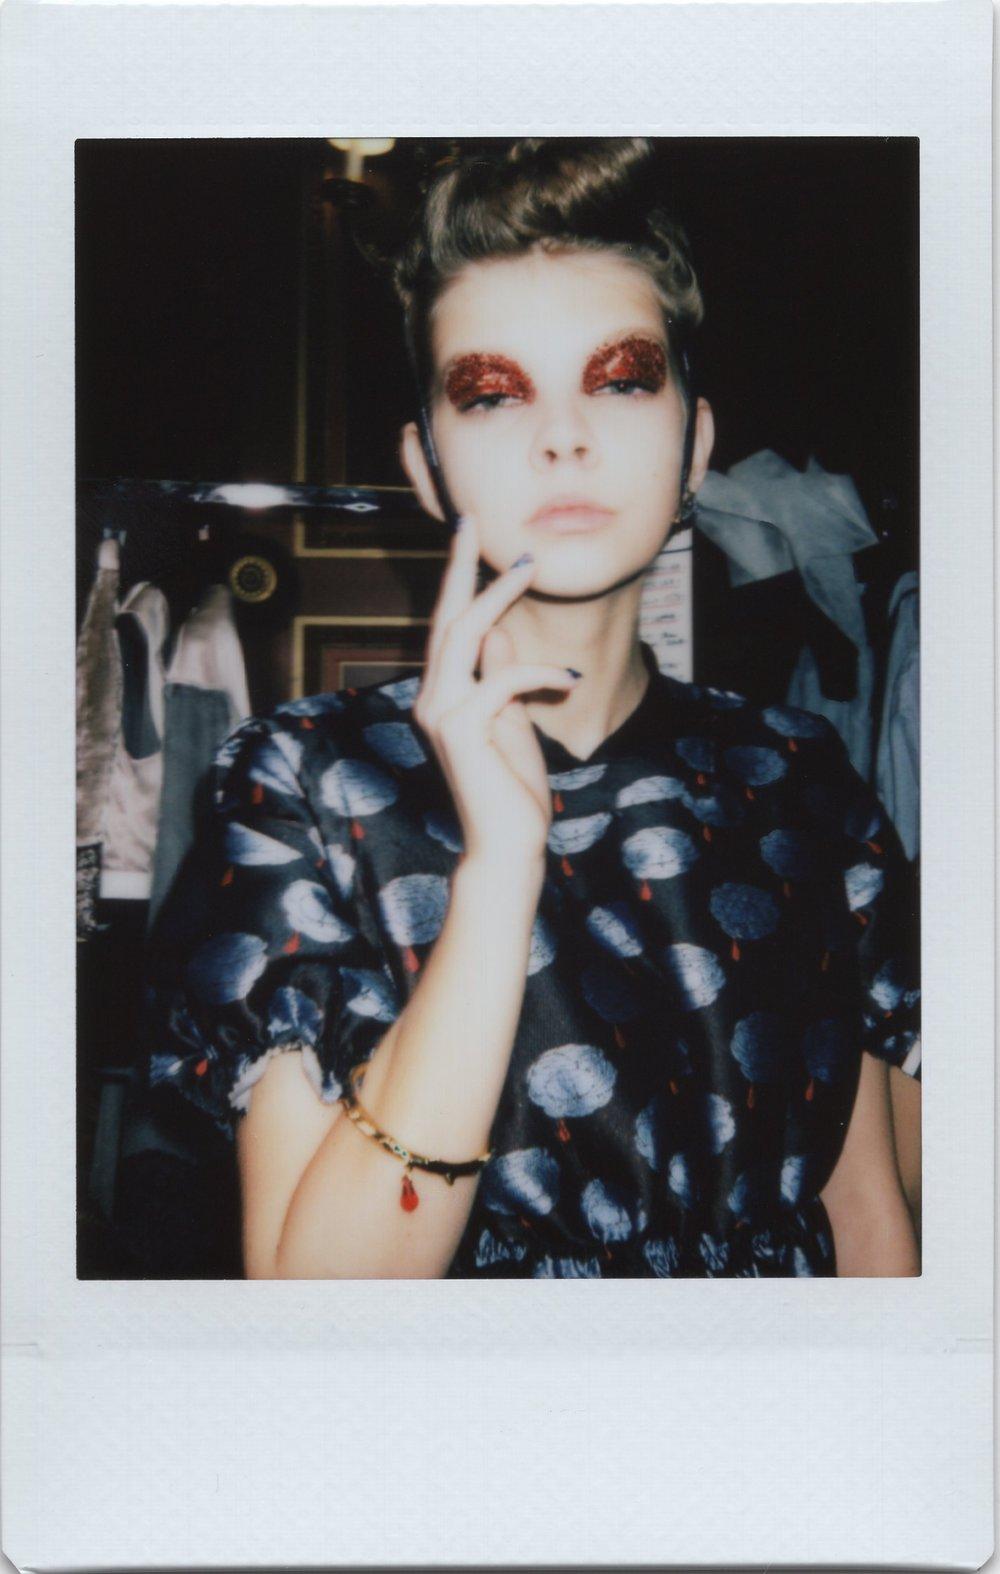 Undercover_Honigschreck_Backstage_Polaroid_6.jpg